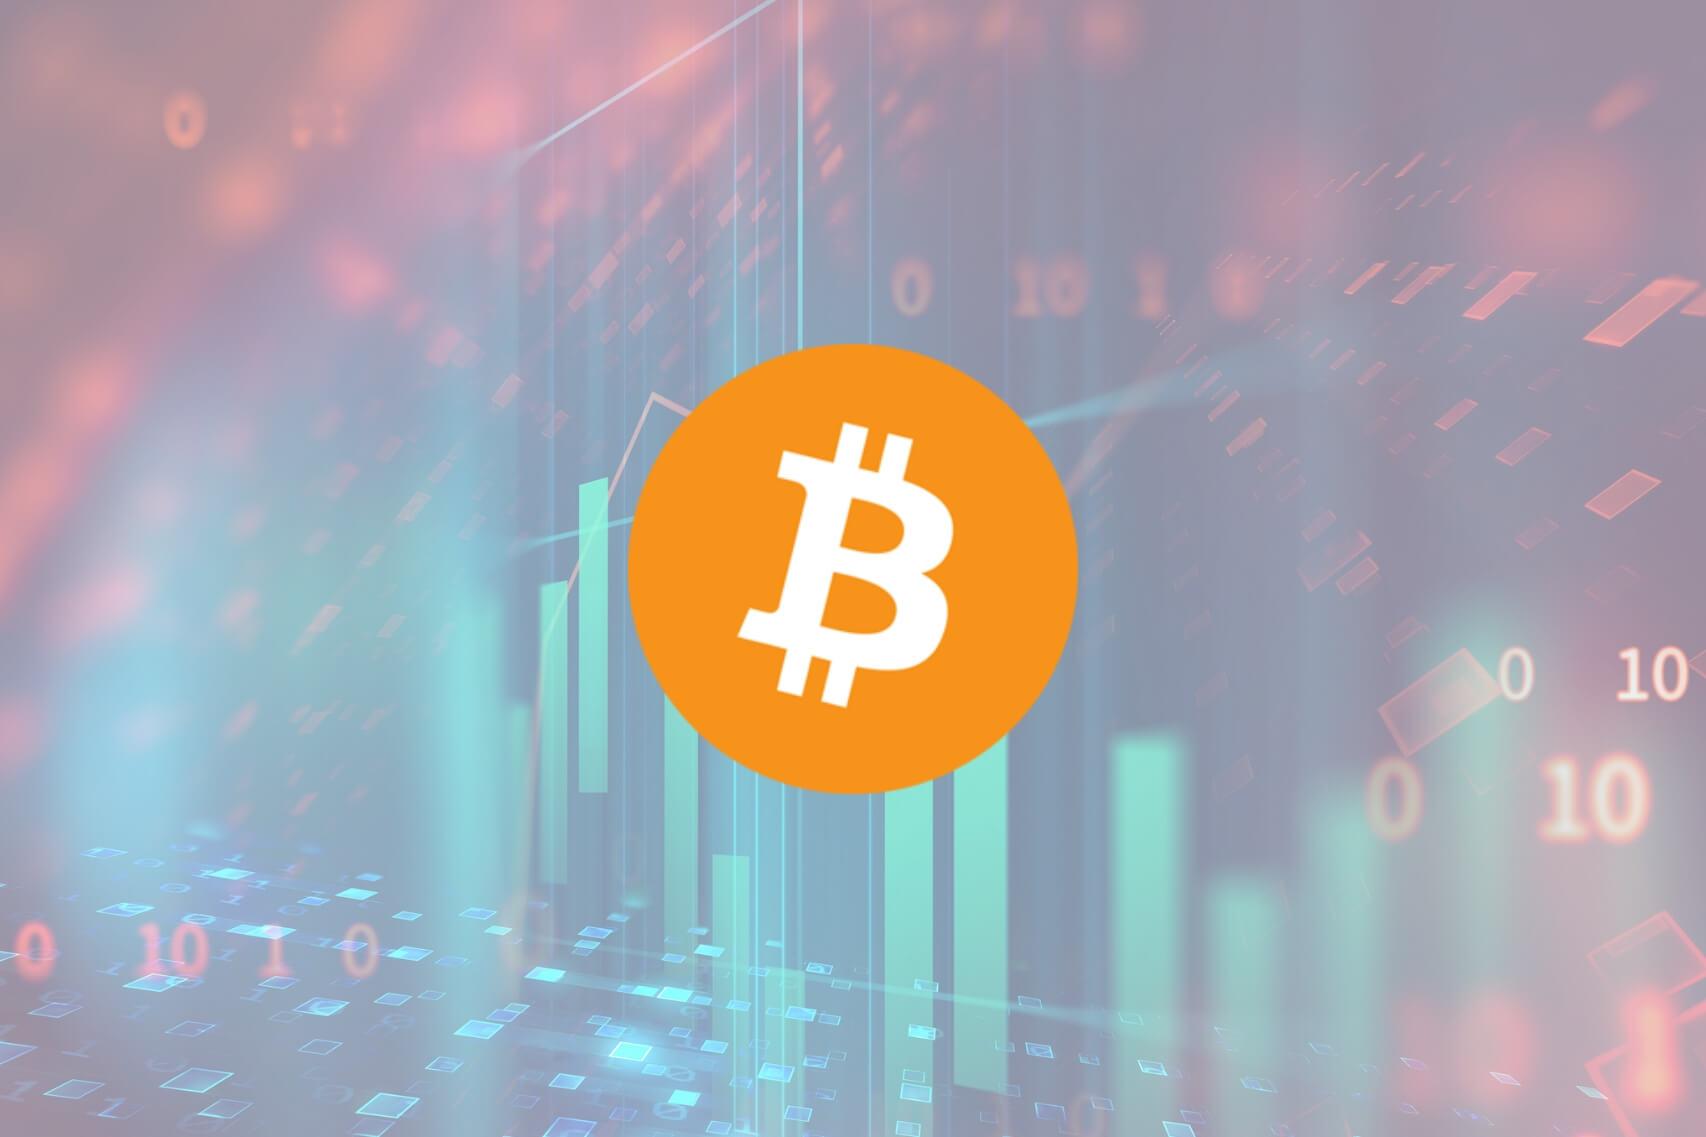 BTC prie analysis